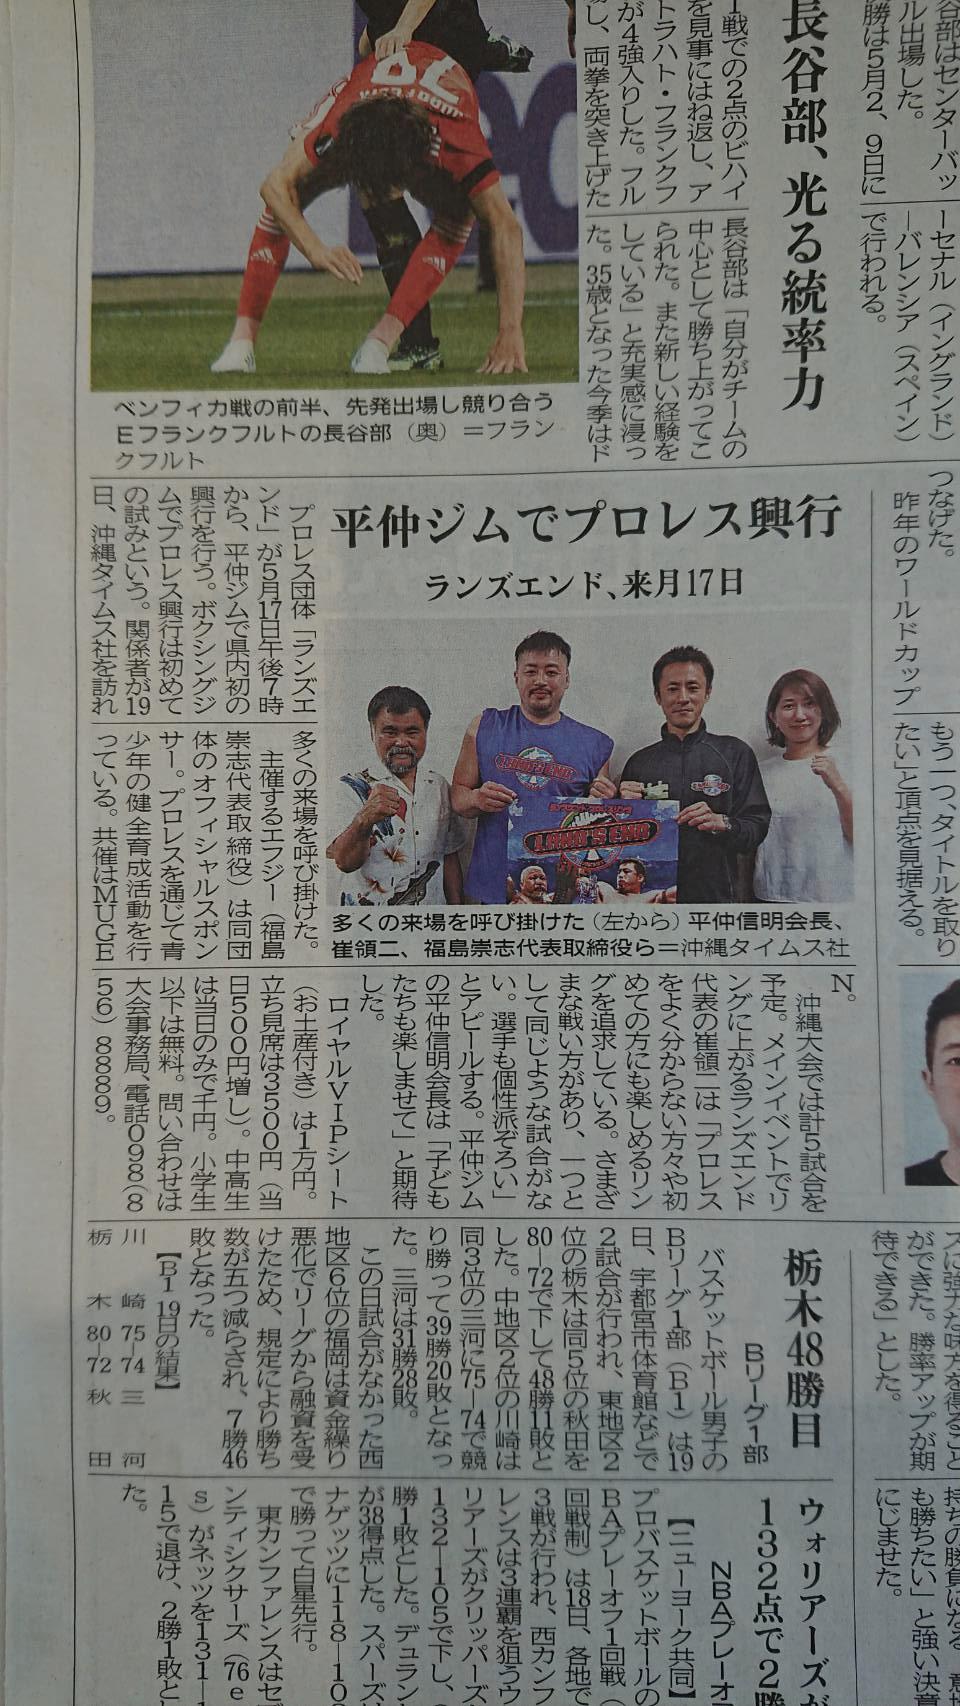 沖縄タイムスに紹介されました。